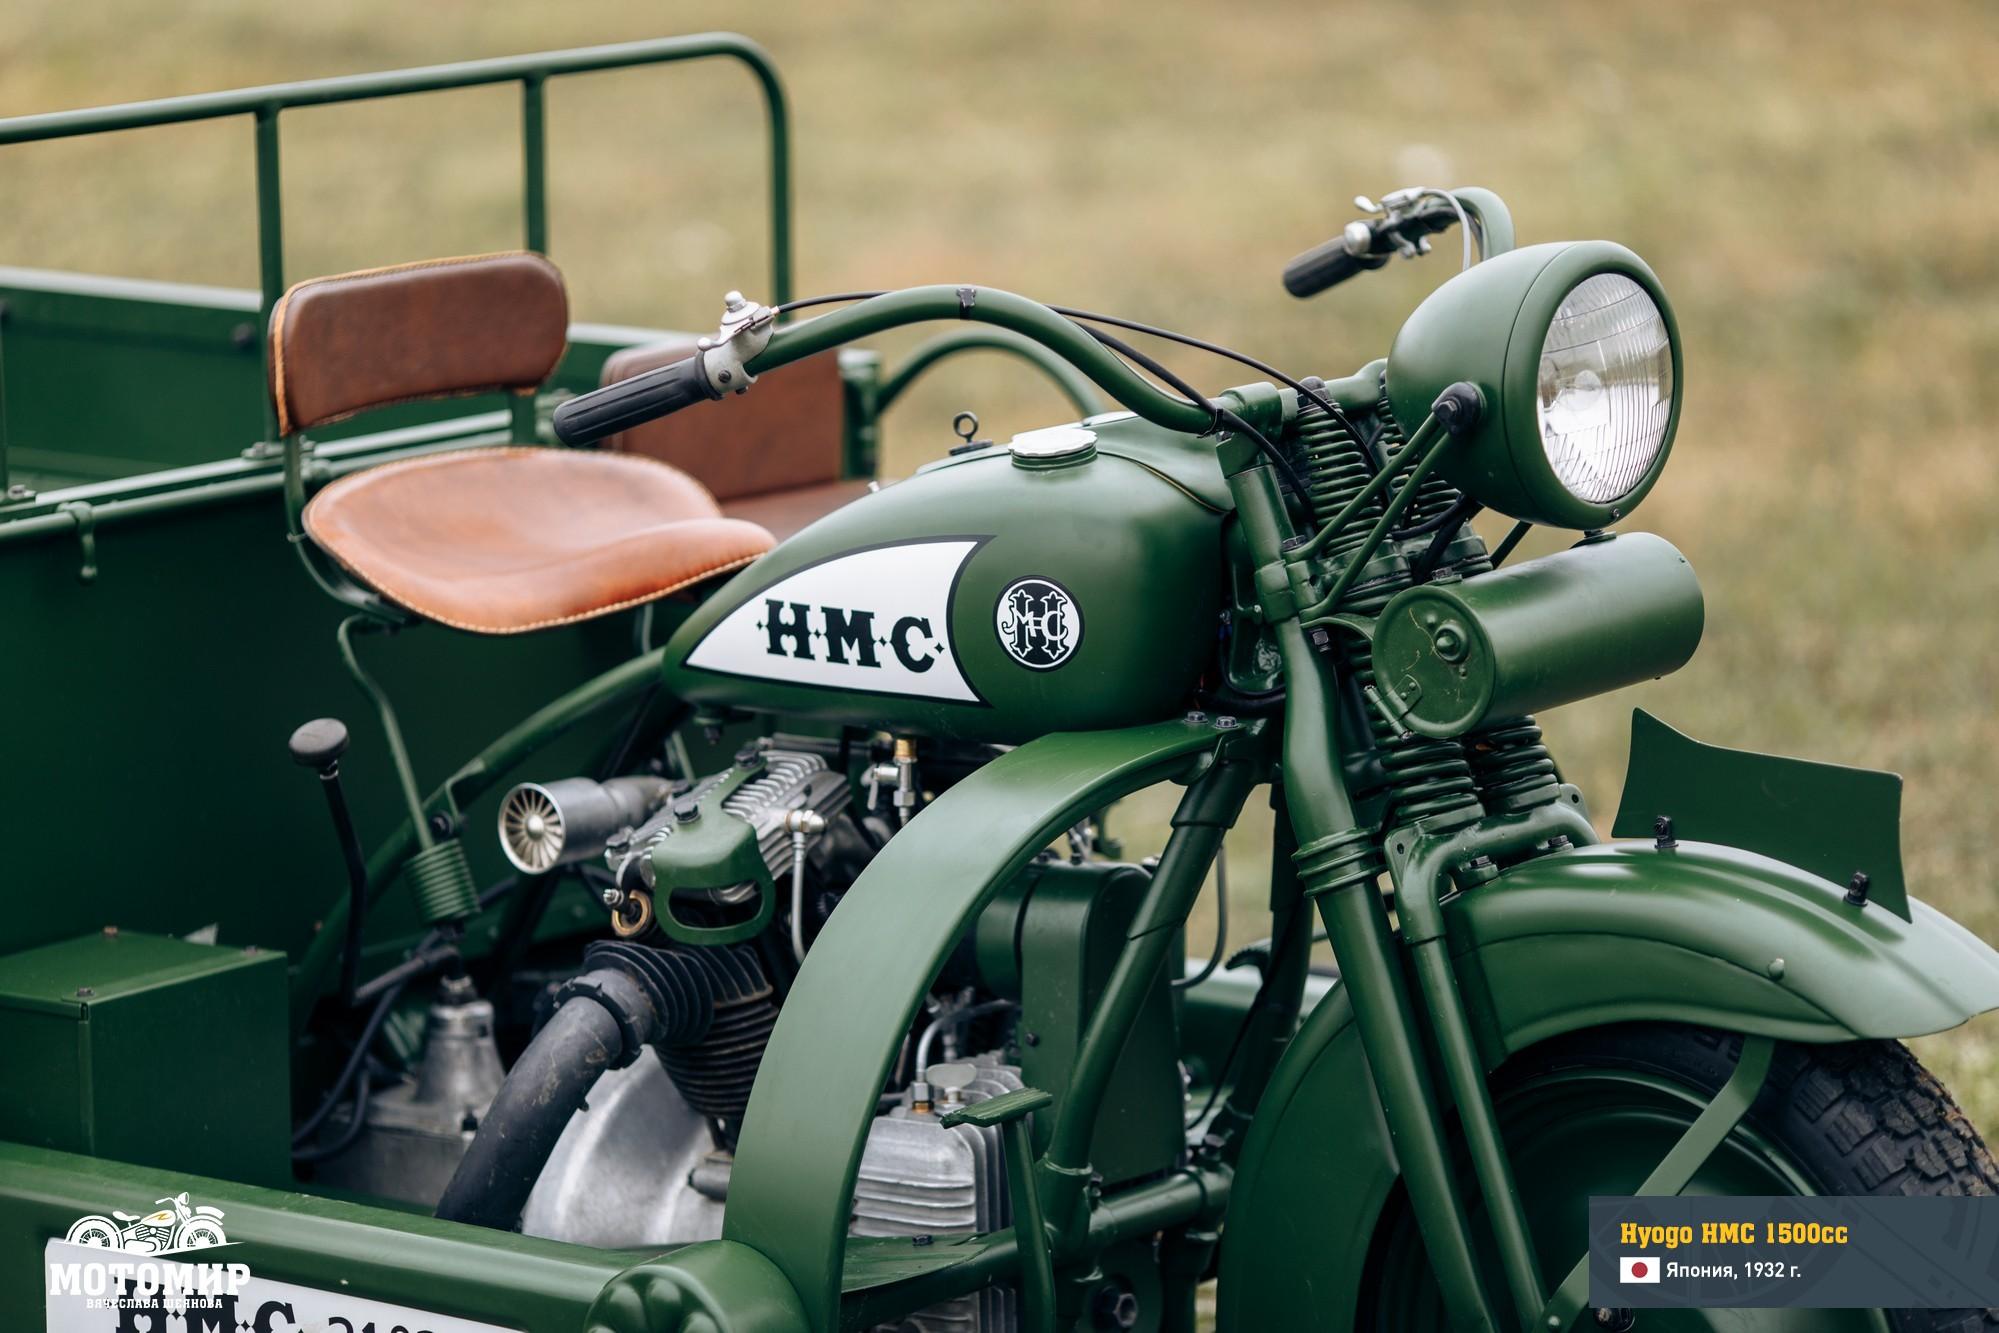 hyogo-hmc-1500-cc-web-10